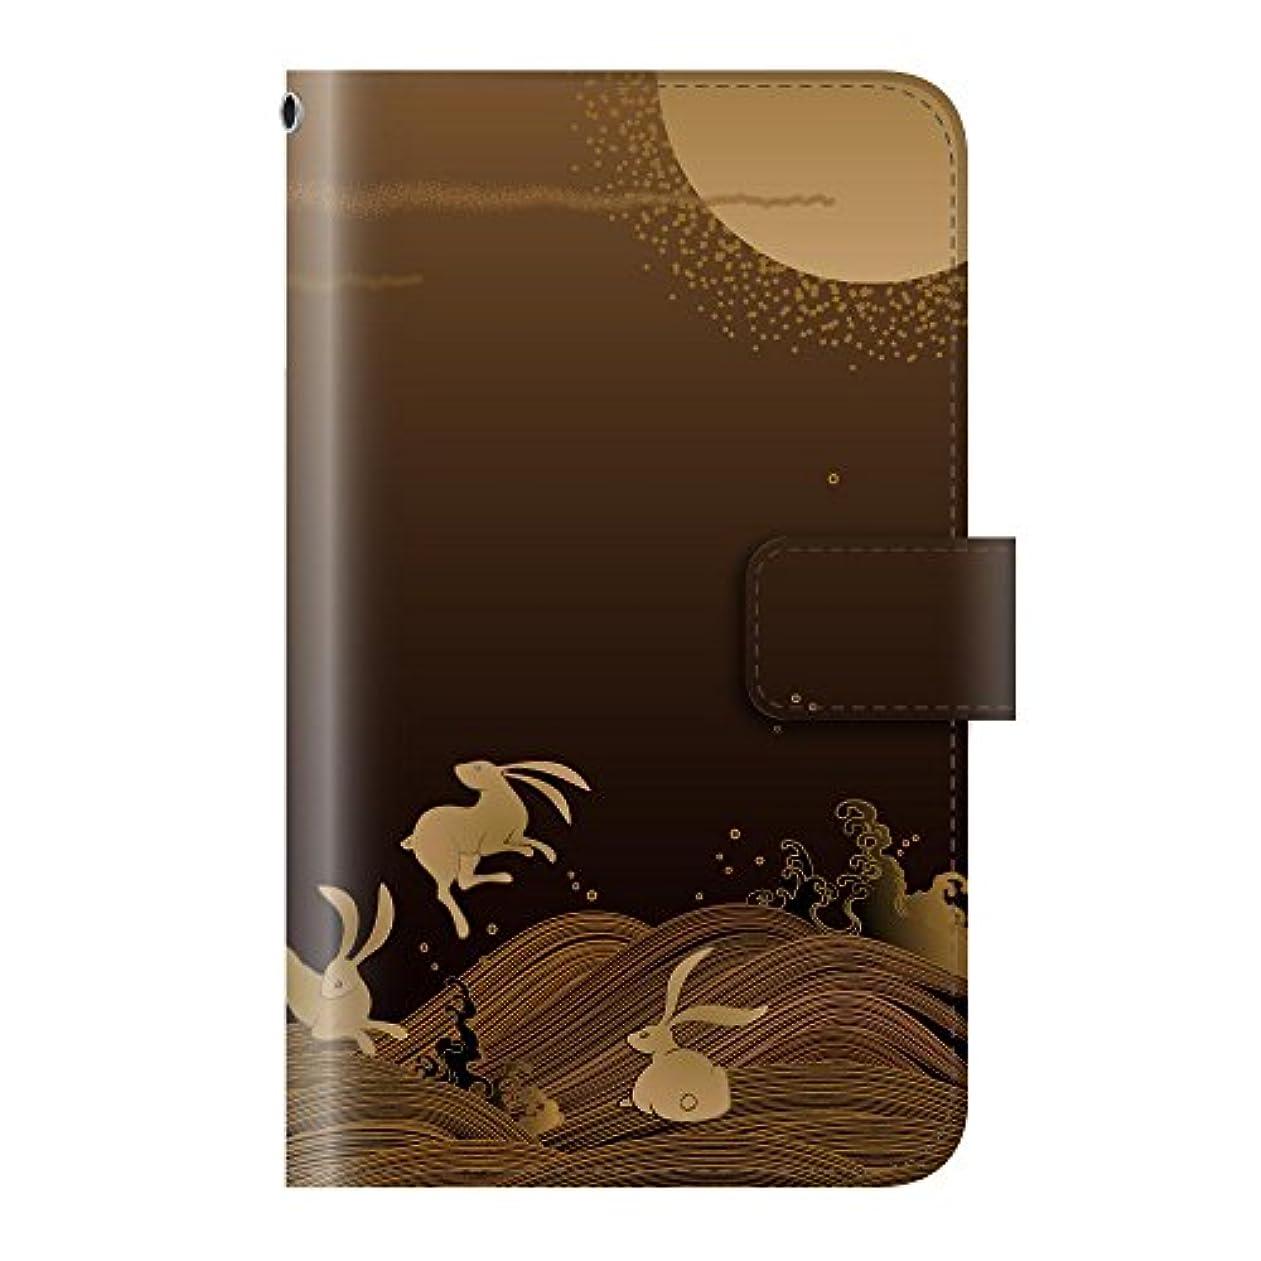 パンサー対角線いたずらな和柄 波兎 (手帳型)/ iPhone6 Plus 手帳型ケース カバー